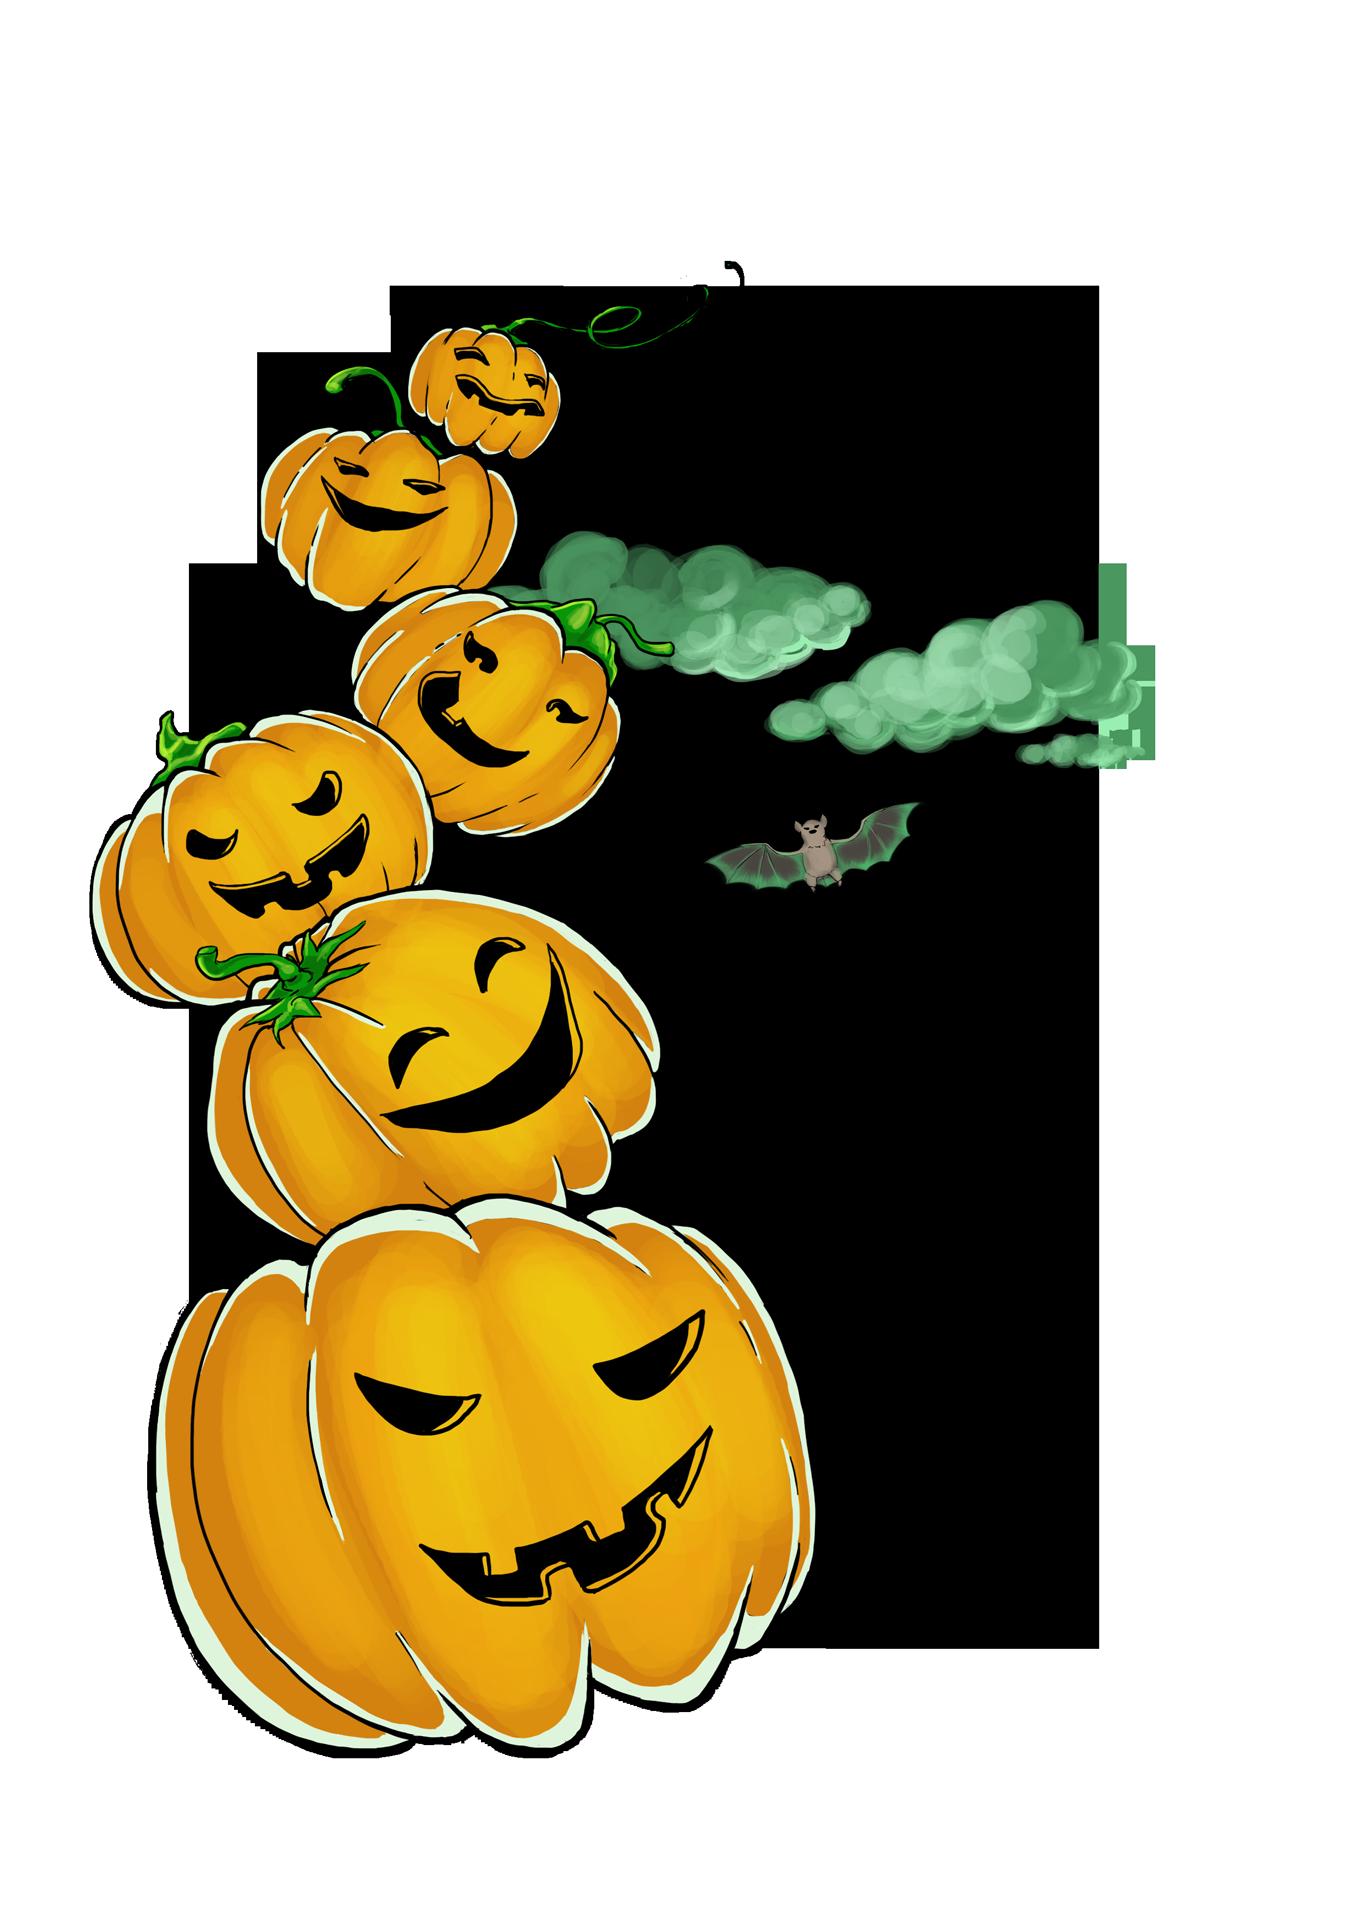 Druckvorlage für Textilprint: Thema Halloween  Auch Handyhüllen, Poster, Becher oder Untersetzer für Becher/Tassen/Glas